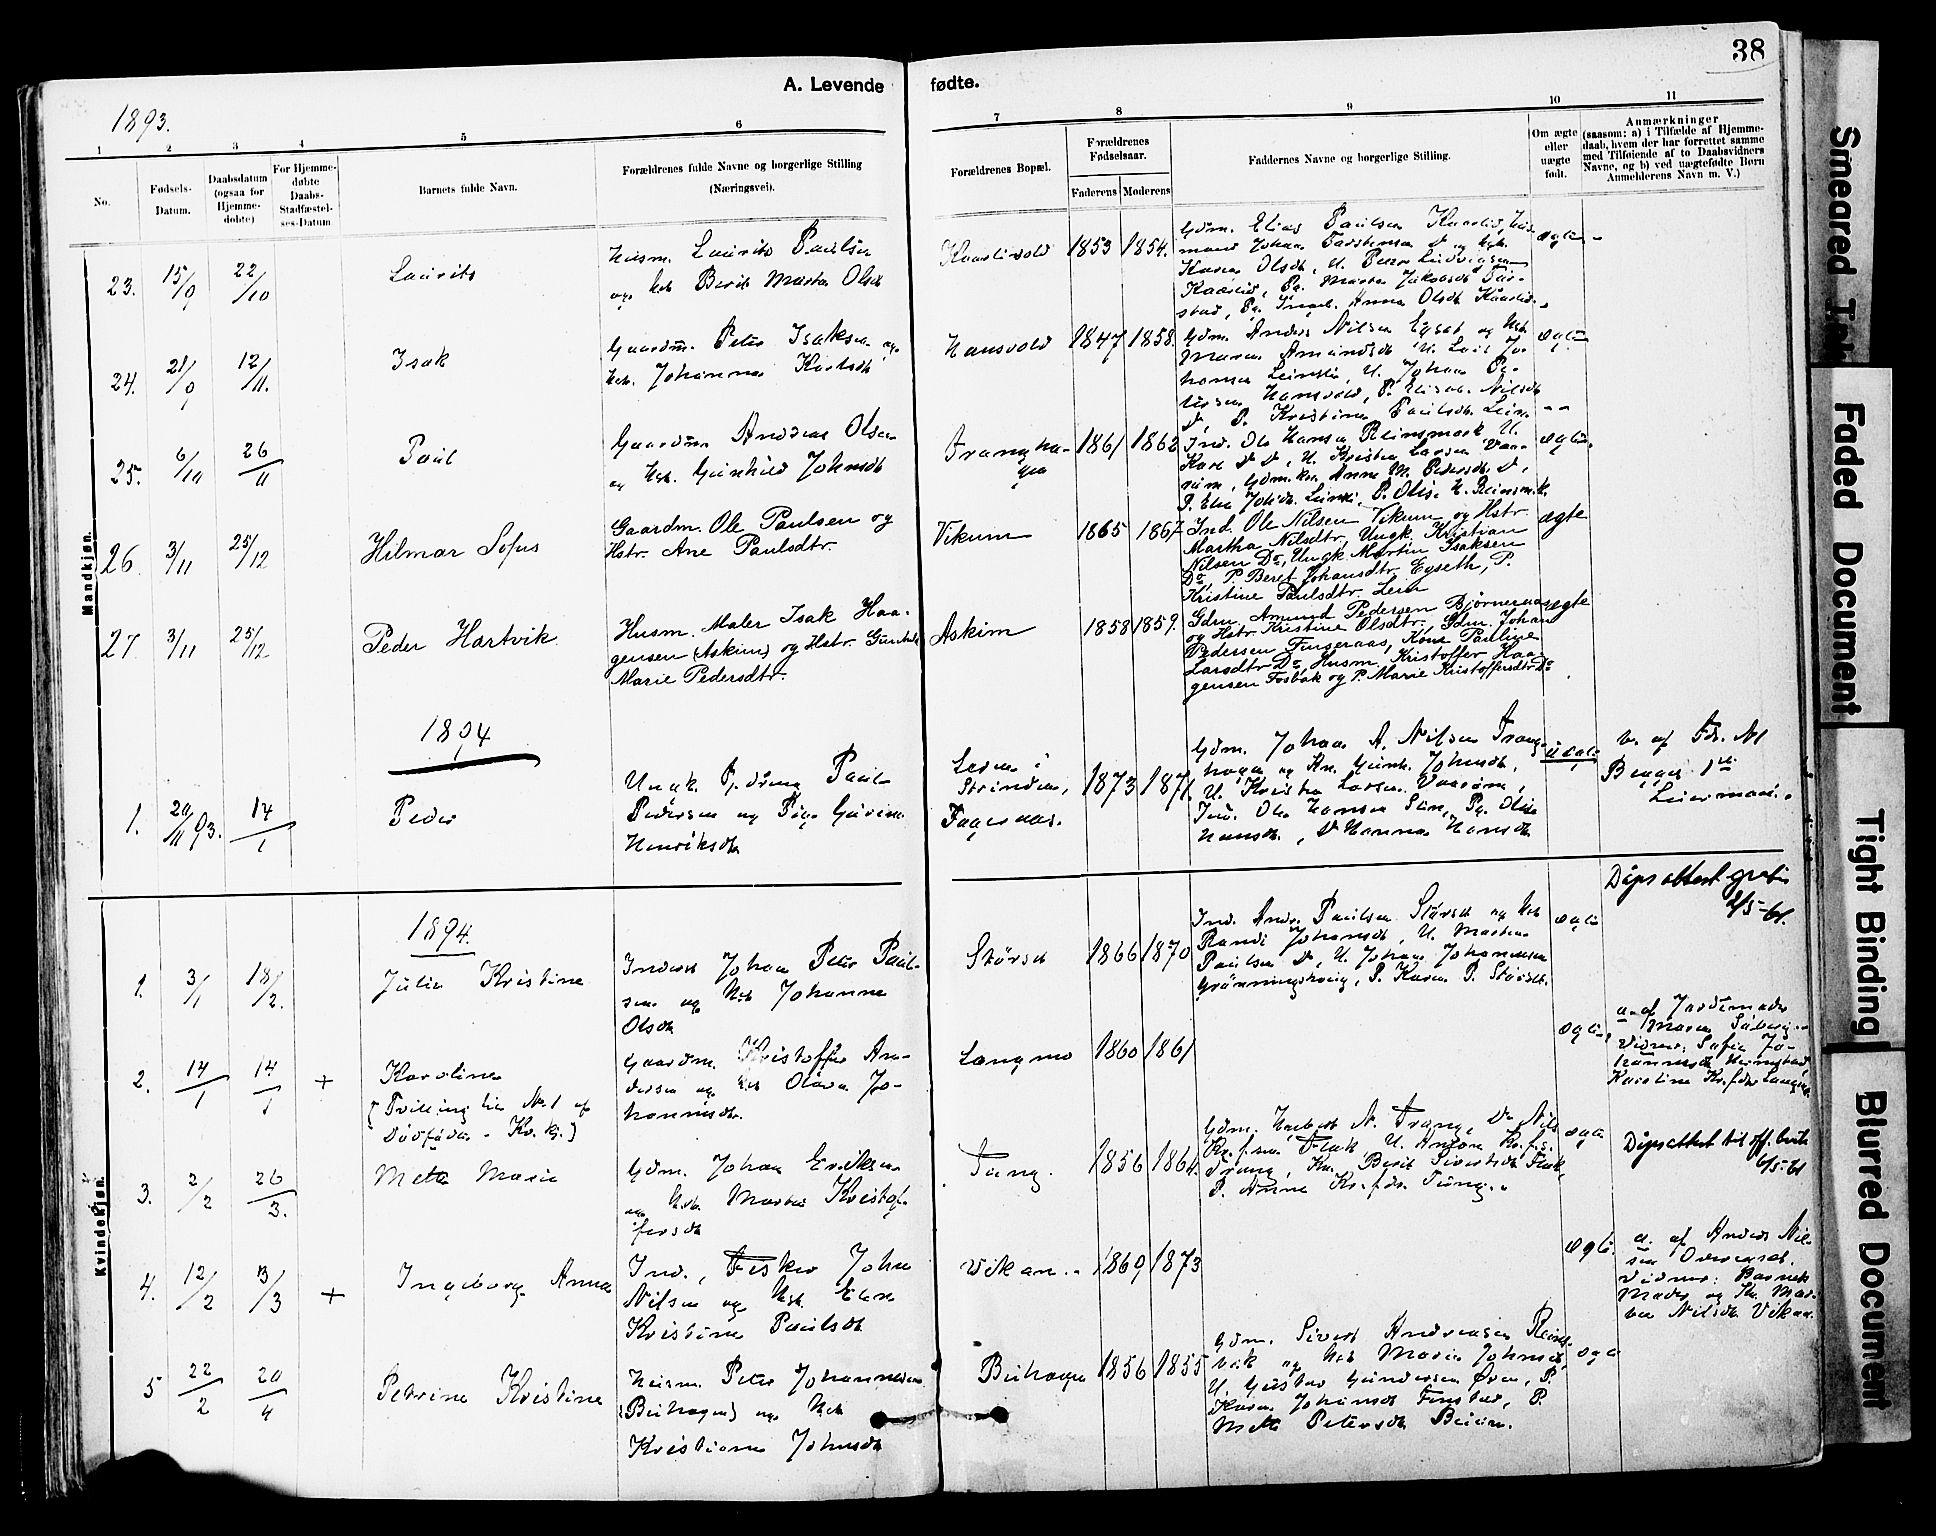 SAT, Ministerialprotokoller, klokkerbøker og fødselsregistre - Sør-Trøndelag, 646/L0615: Ministerialbok nr. 646A13, 1885-1900, s. 38